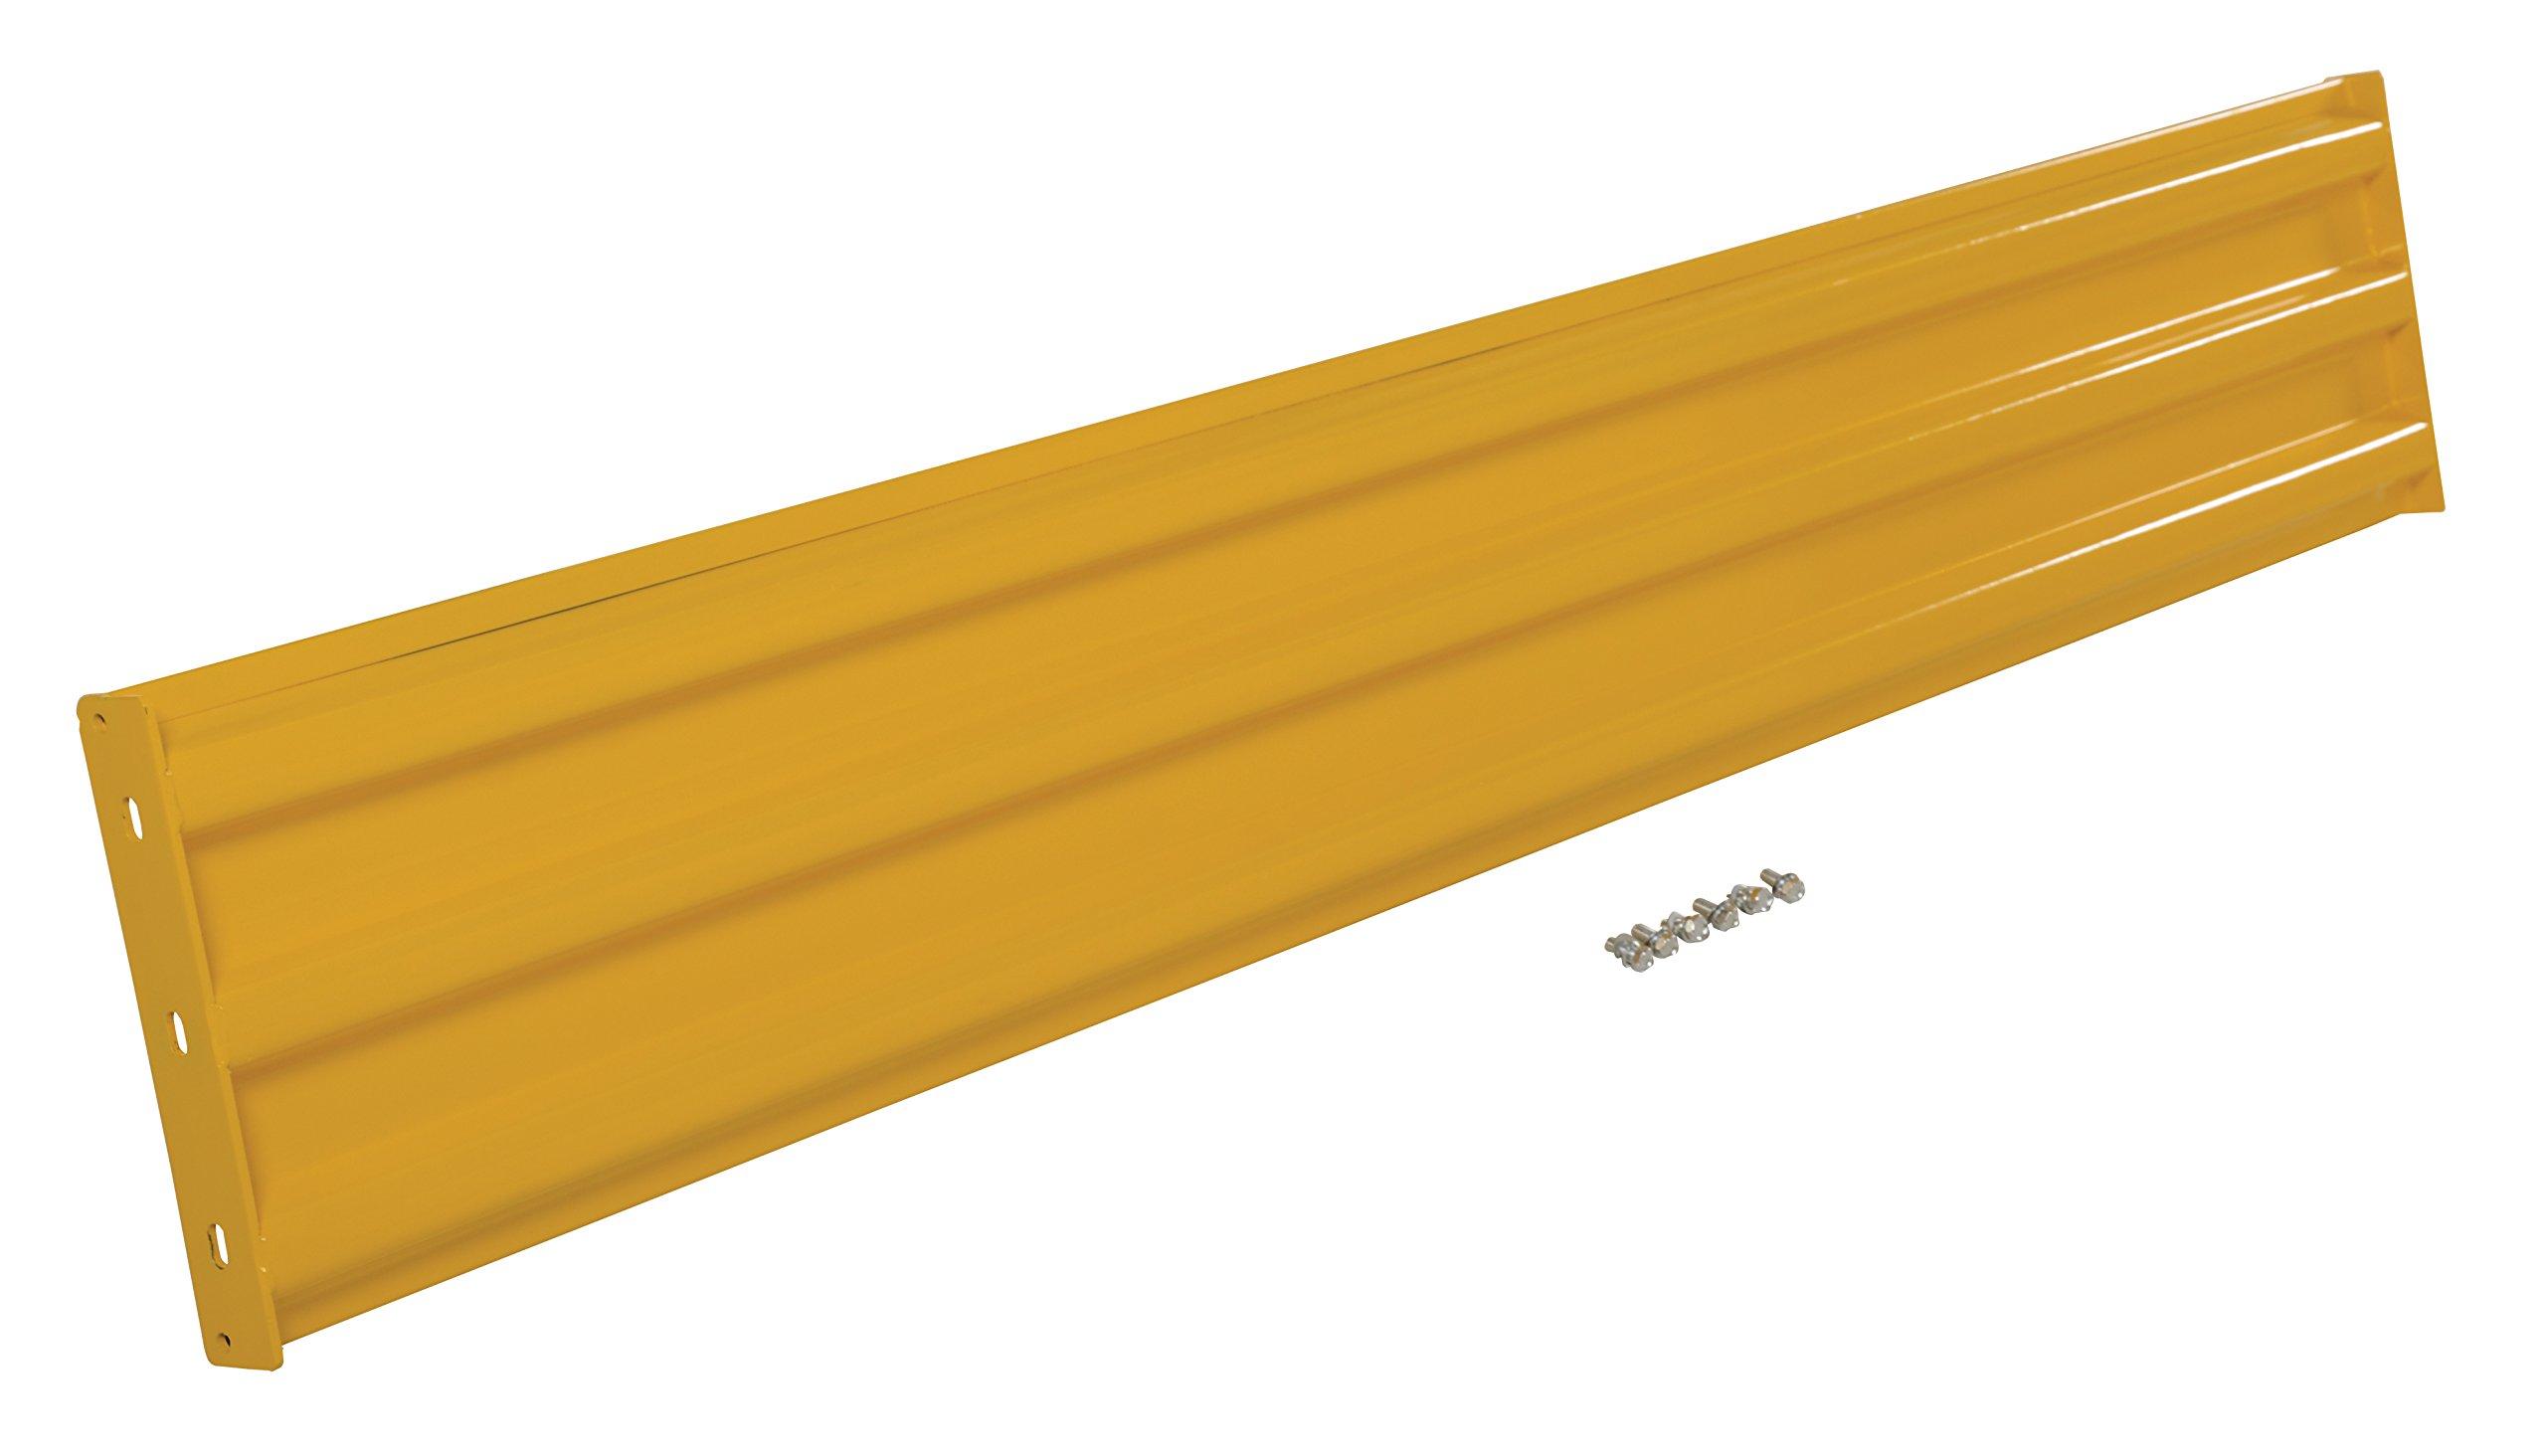 Vestil YGR-B-8 Bolt-On Style Guard Rail44; Yellow - 8 ft.